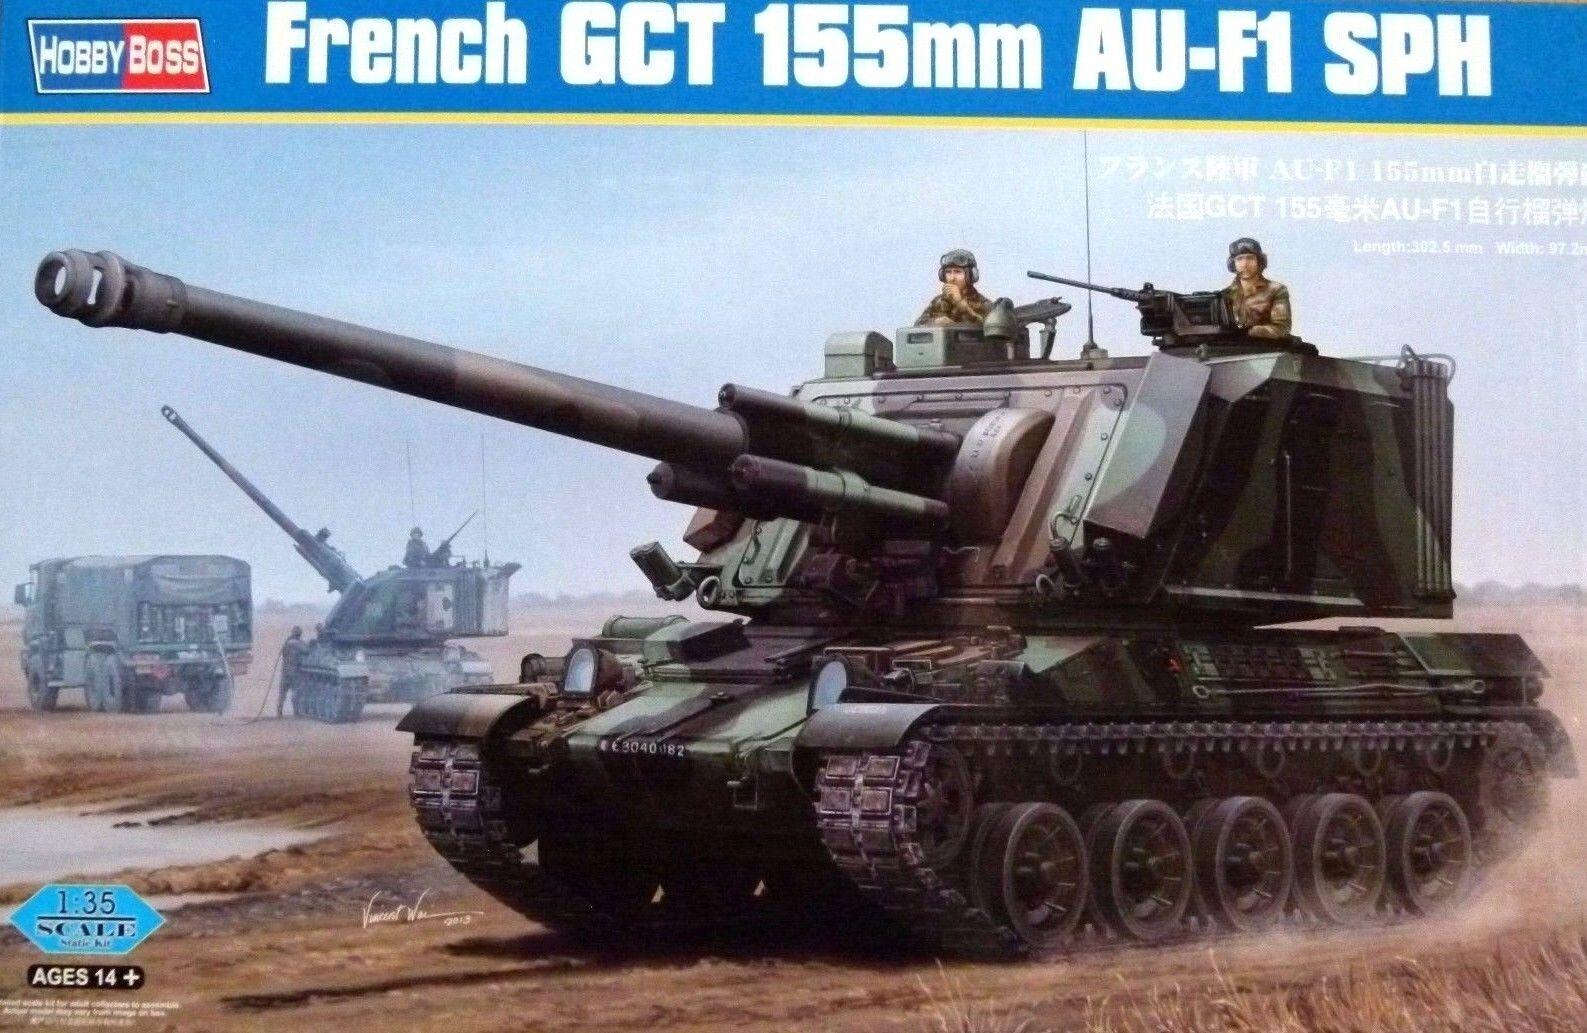 Hobbyboss 1 35 GCT 155mm AU-F1 SPH Vehicle Model Kit